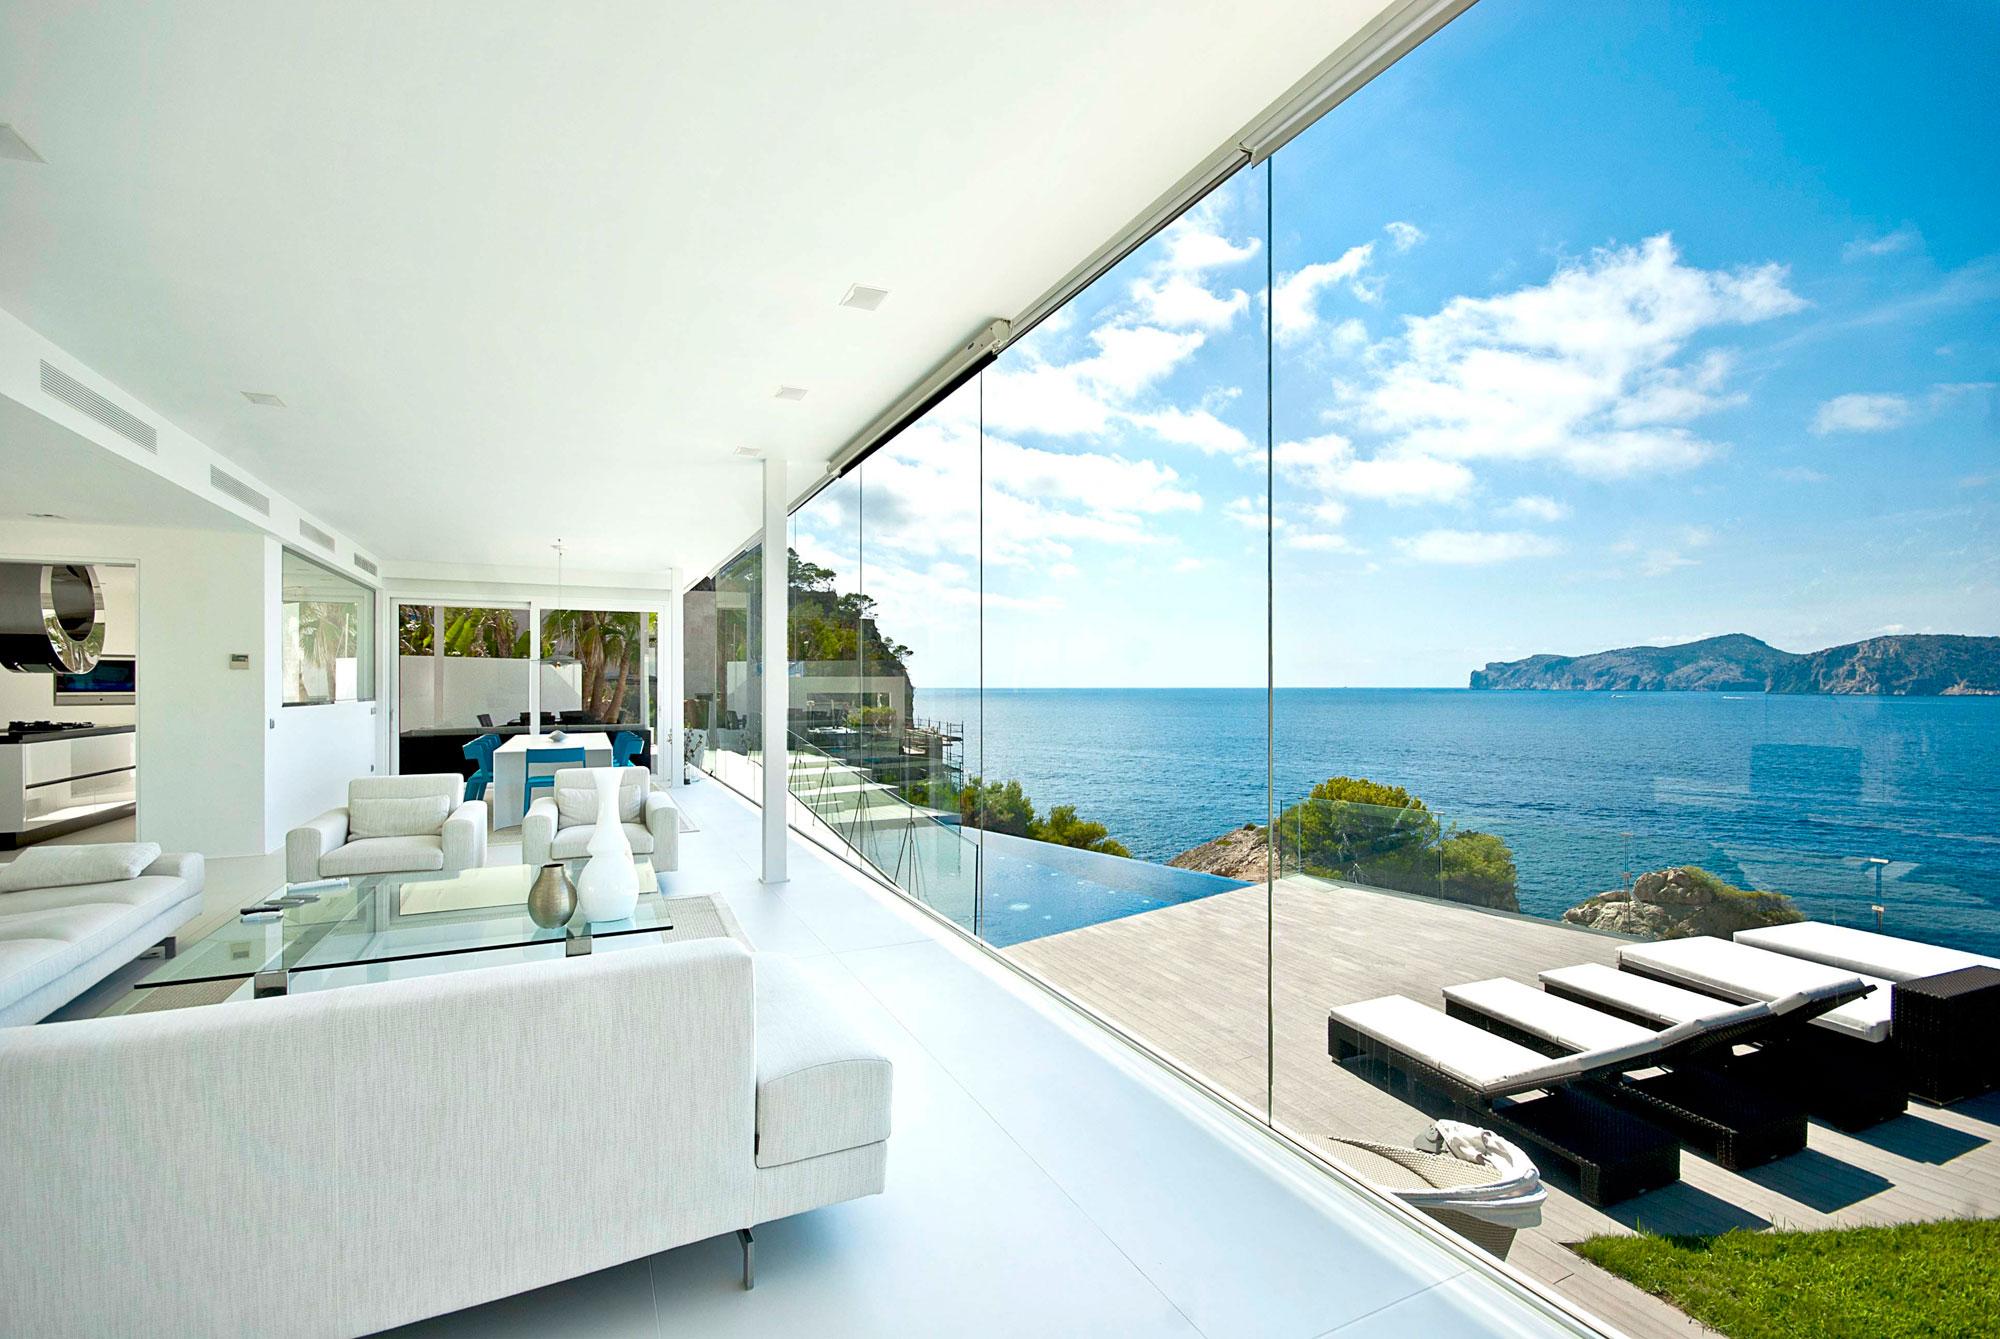 Λευκό σαλόνι με θέα την θάλασσα.